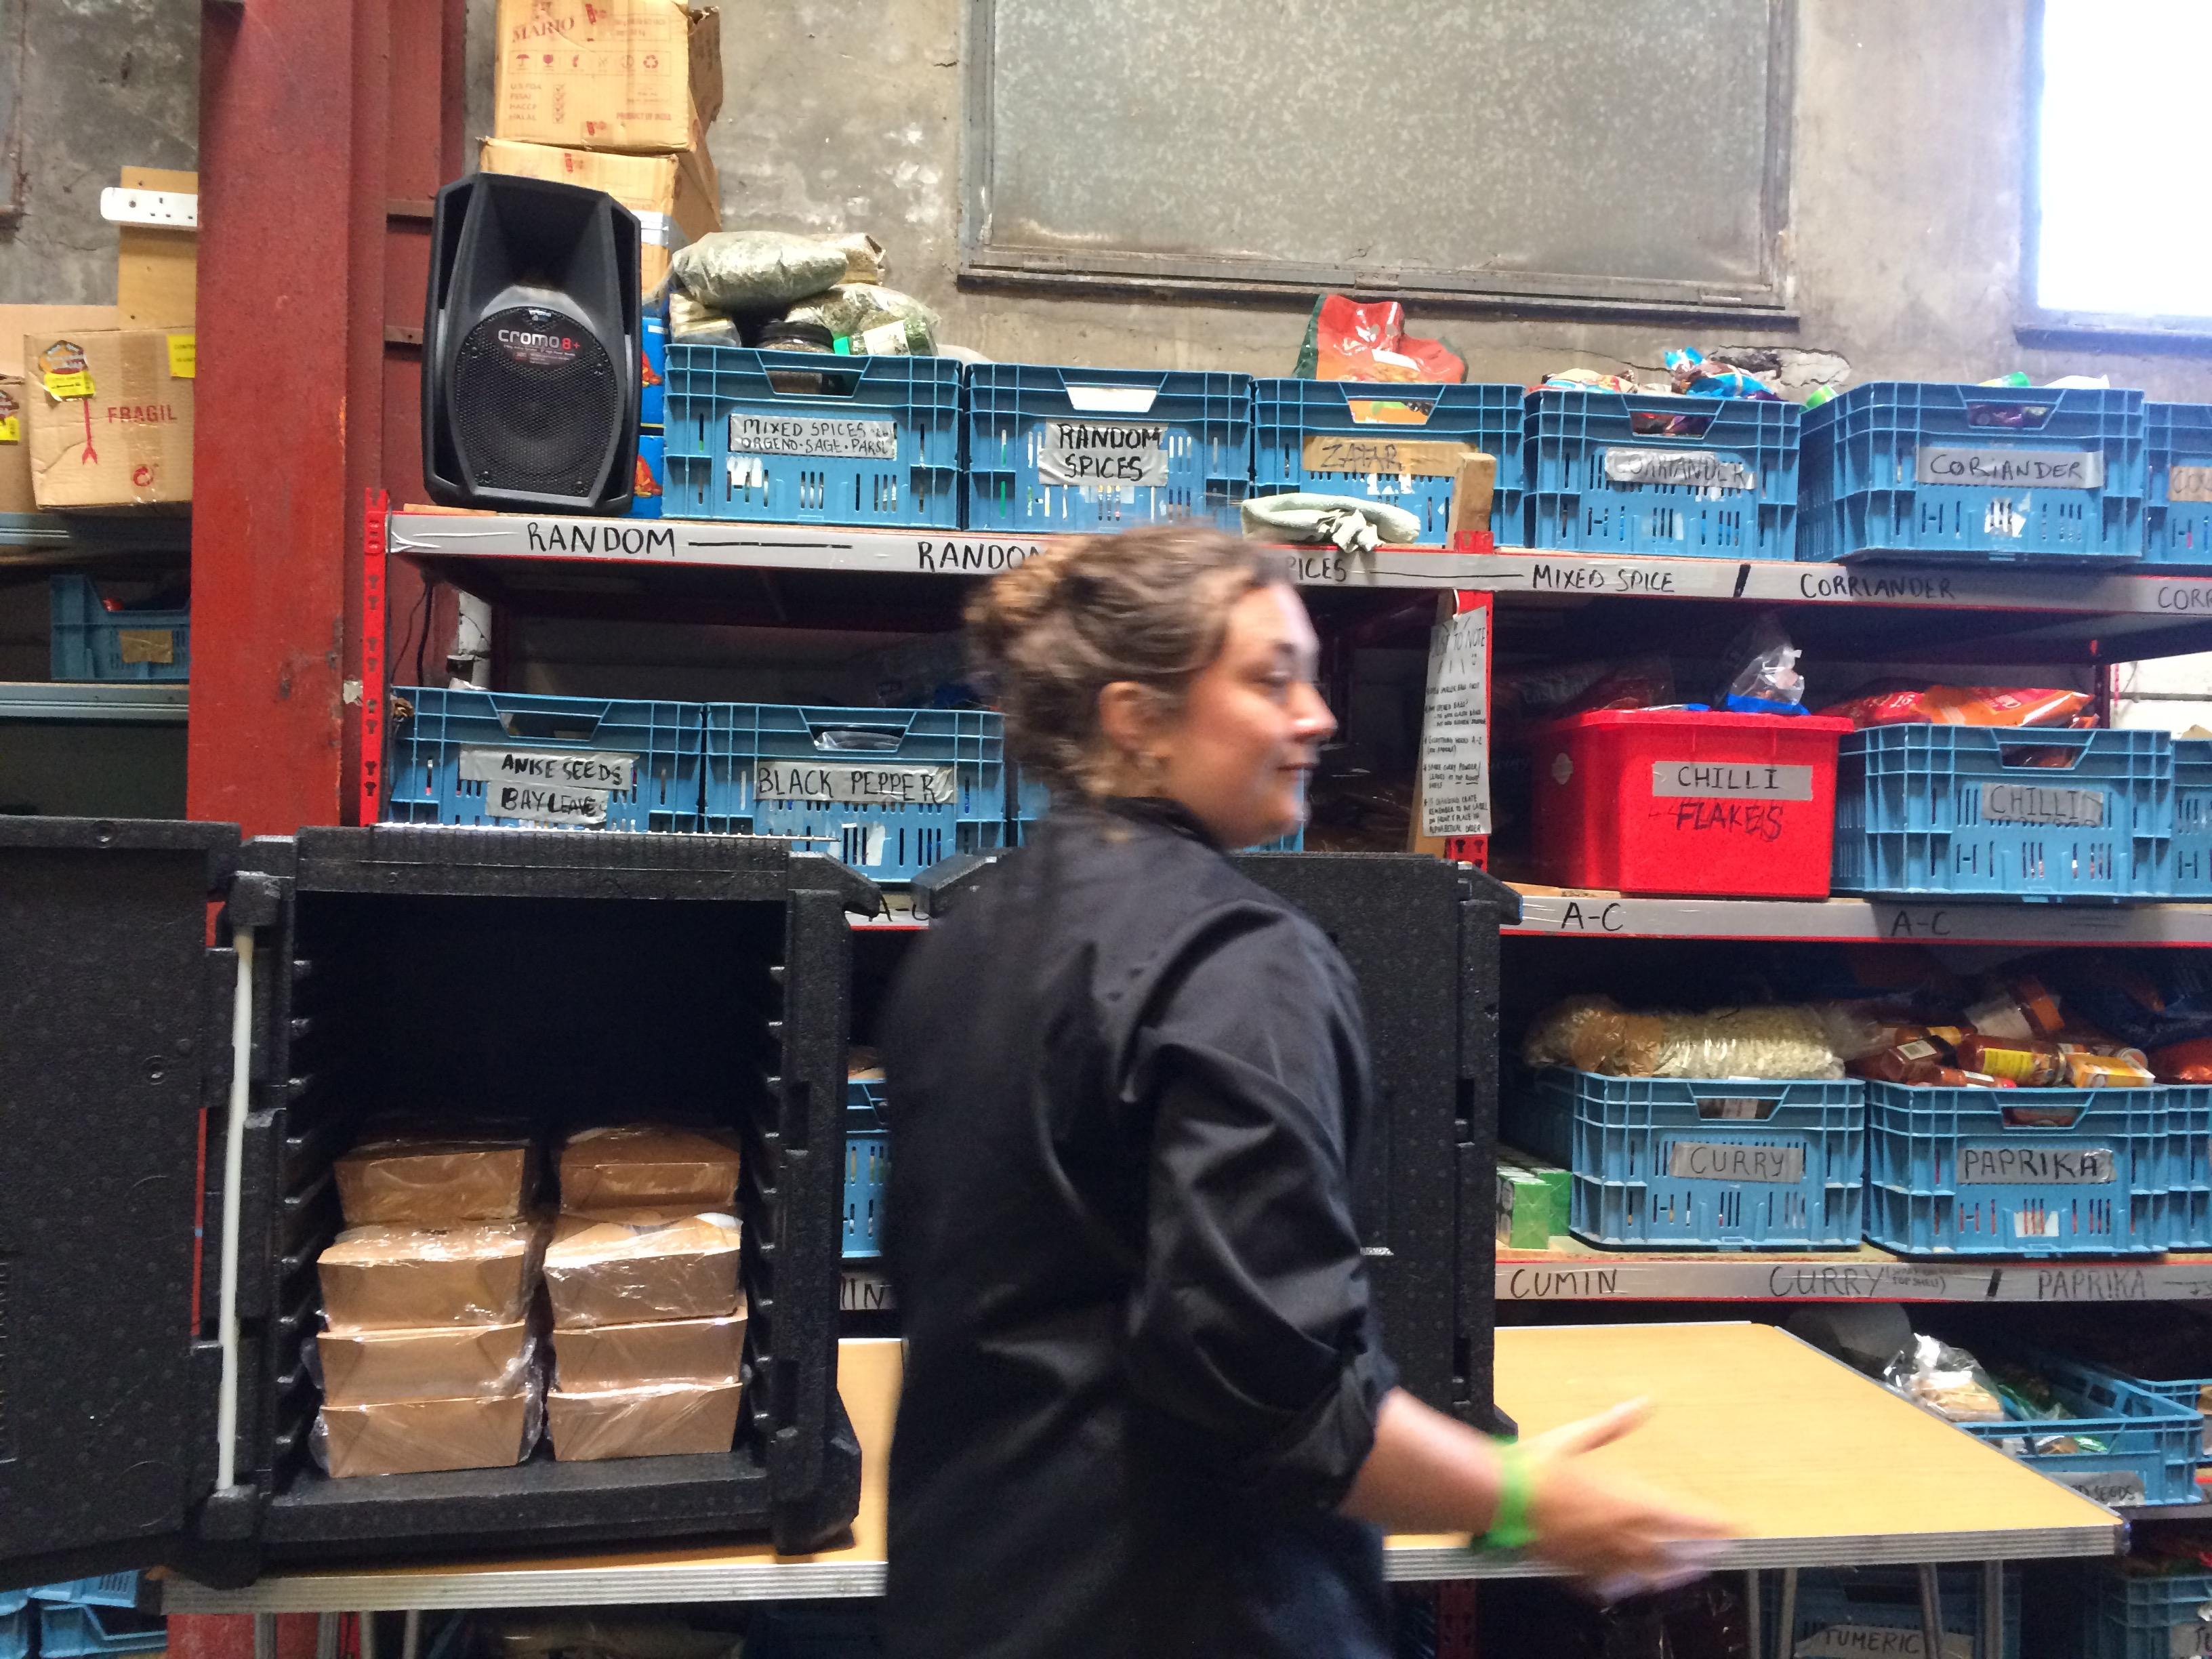 Una delle volontarie che ogni giorno preparano il cibo per i migranti all'Auberge des Migrants (foto: Emanuela Barbiroglio)